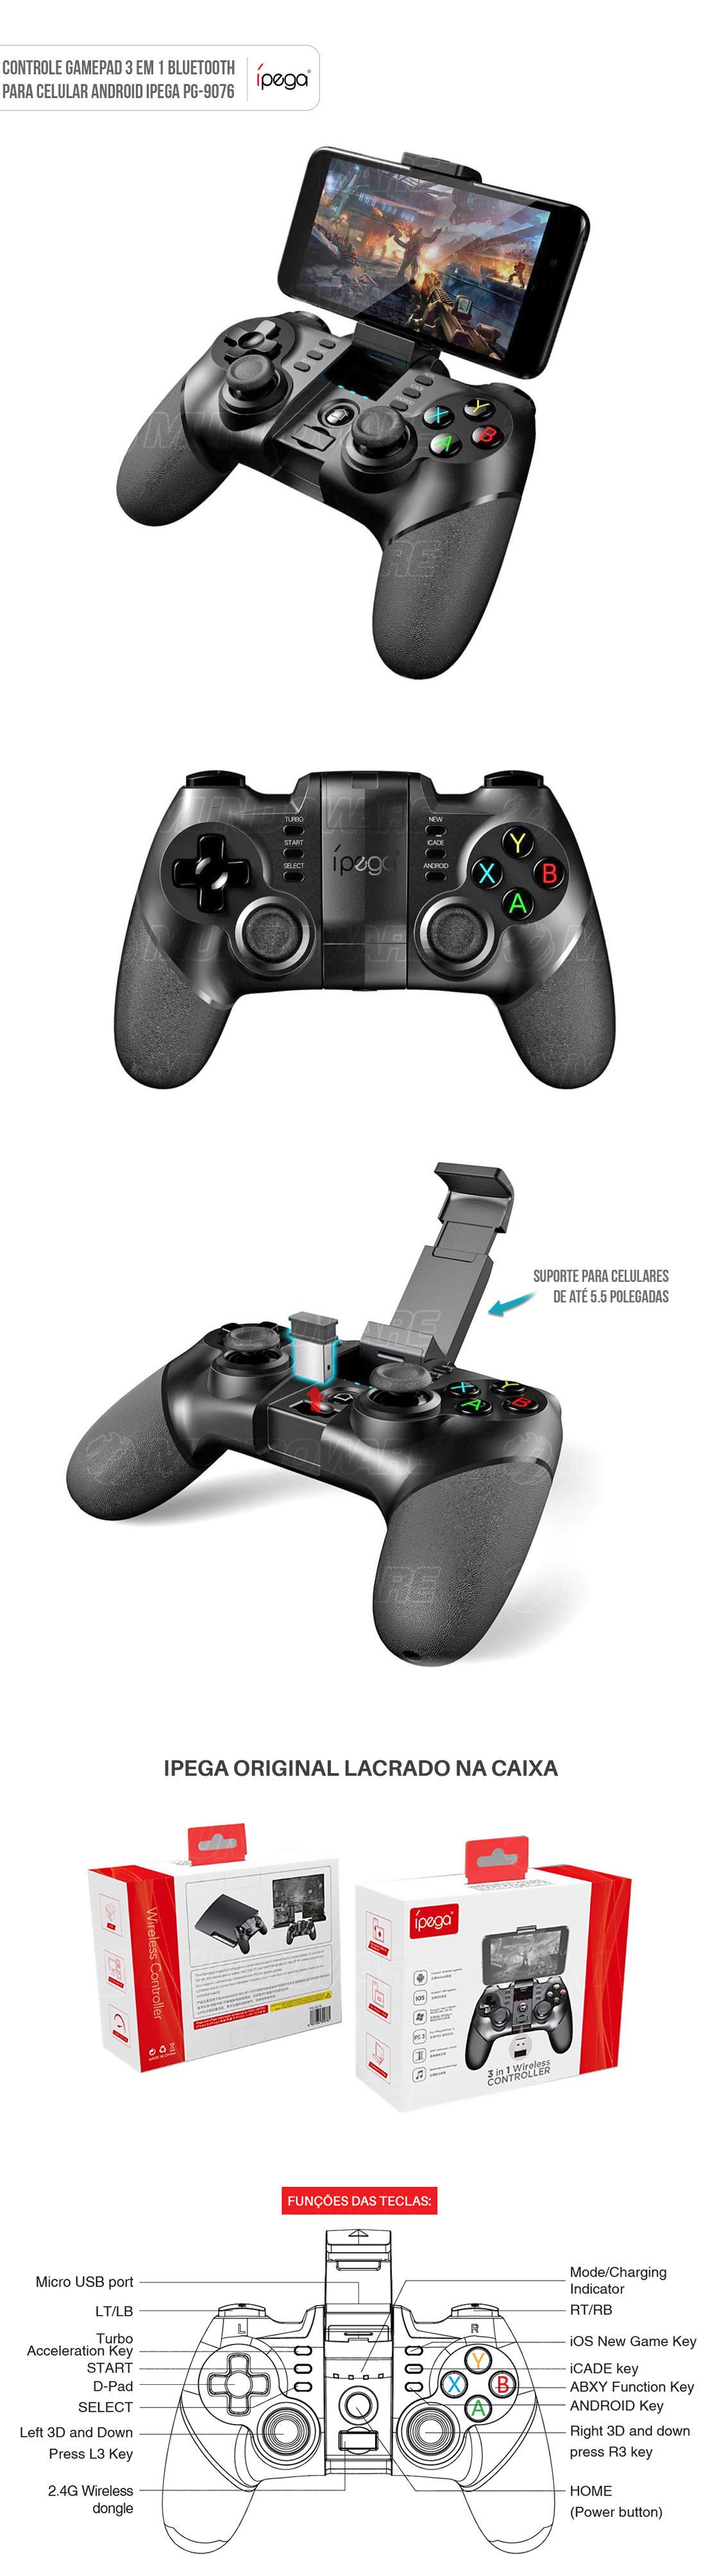 Controle Bluetooth para Celular Android Smart TV PC 3 em 1 Gamepad IPEGA PG-9076 Original